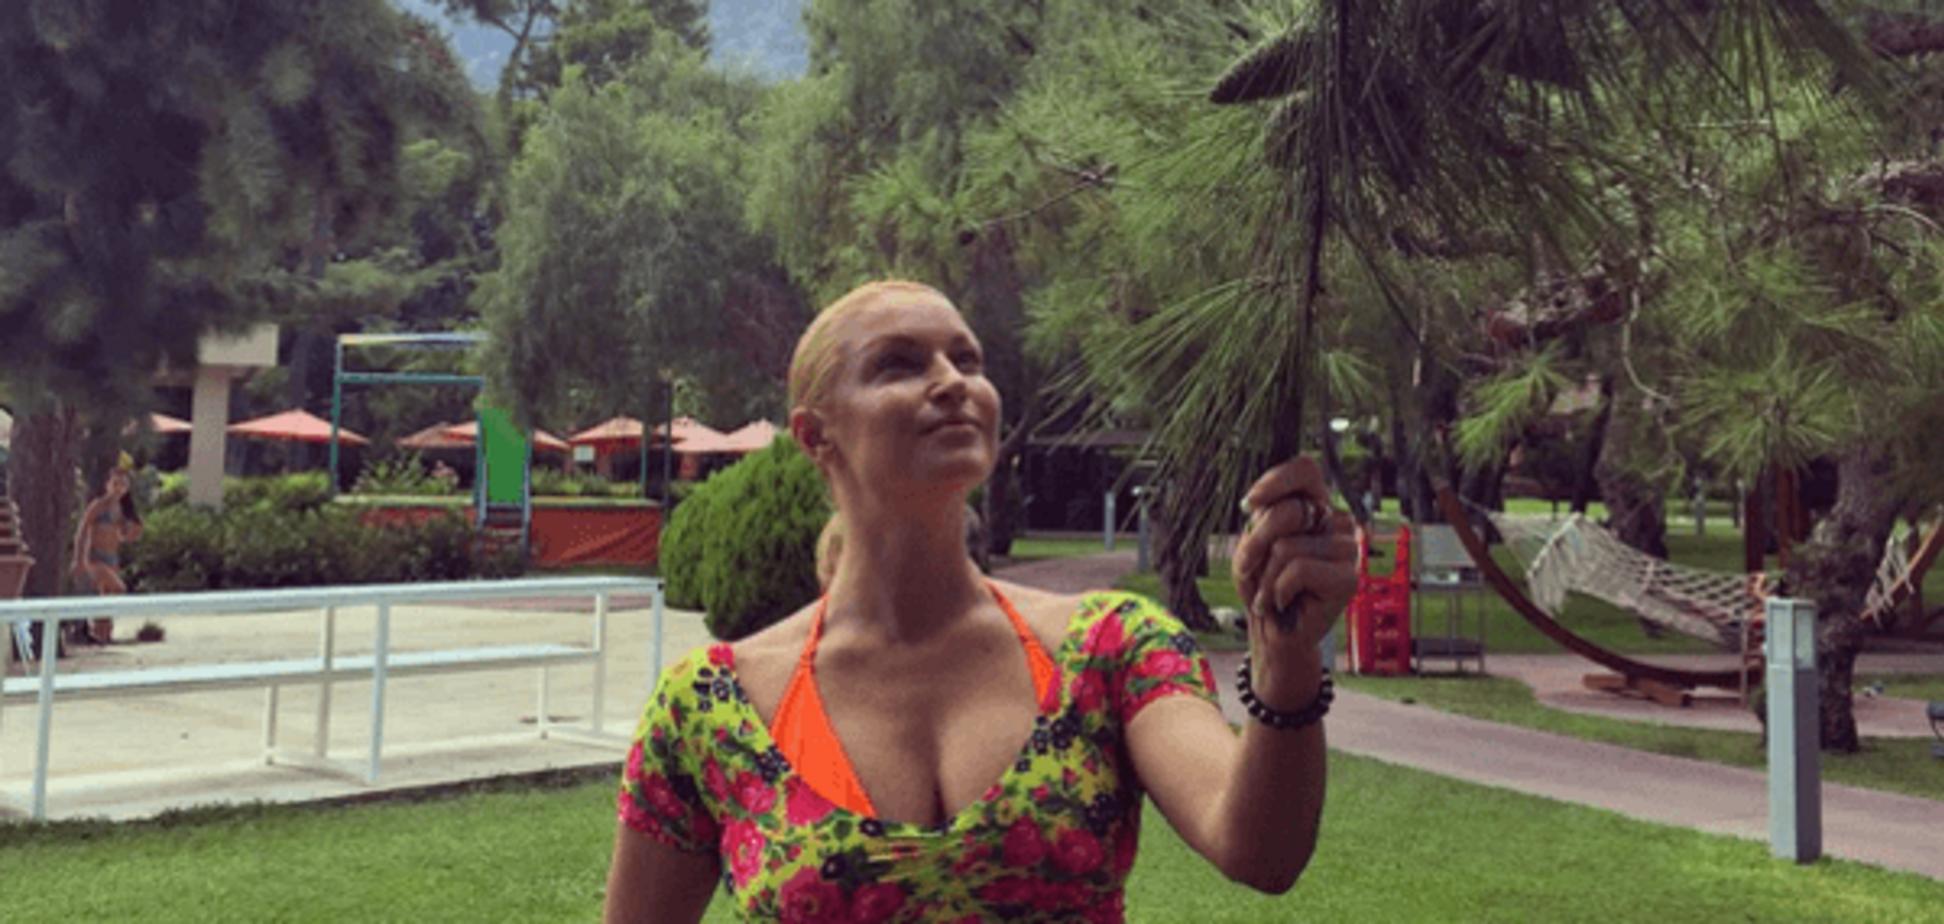 Волочкова шокировала невероятно дряблым животом: фотофакт